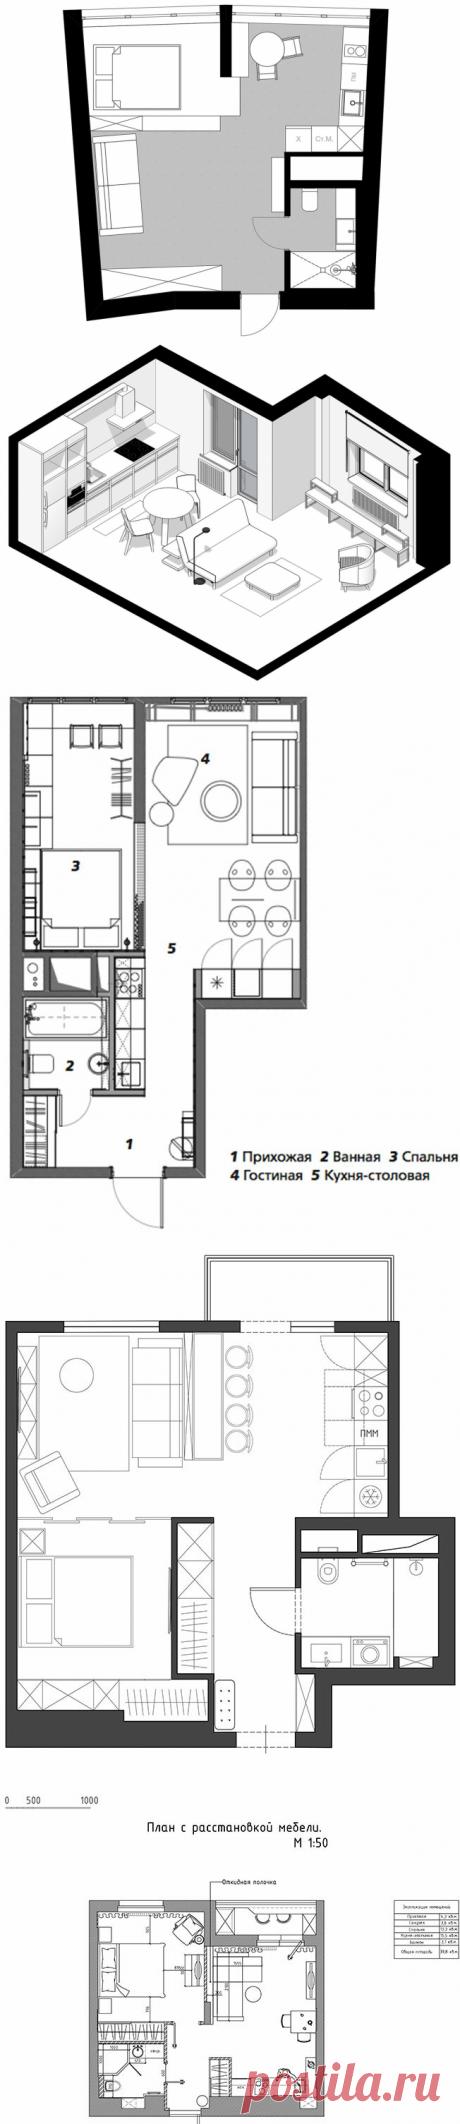 Дизайн маленькой гостиной: 7 вариантов с планировками   Интерьер+Дизайн   Яндекс Дзен